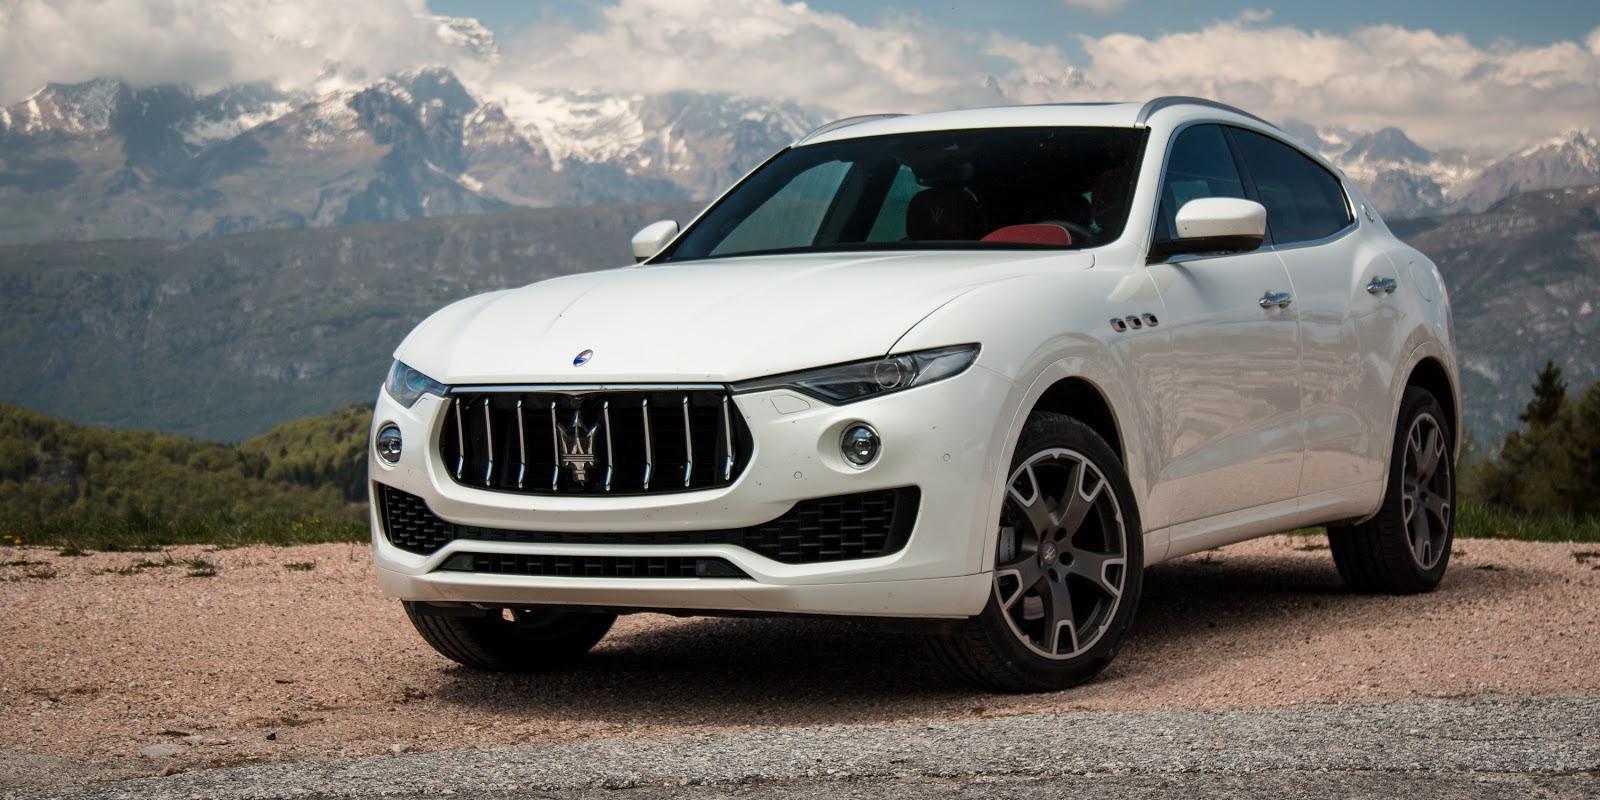 Đầu xe đậm chất Maserati, tinh tế và mang nhiều dấu ấn biển cả